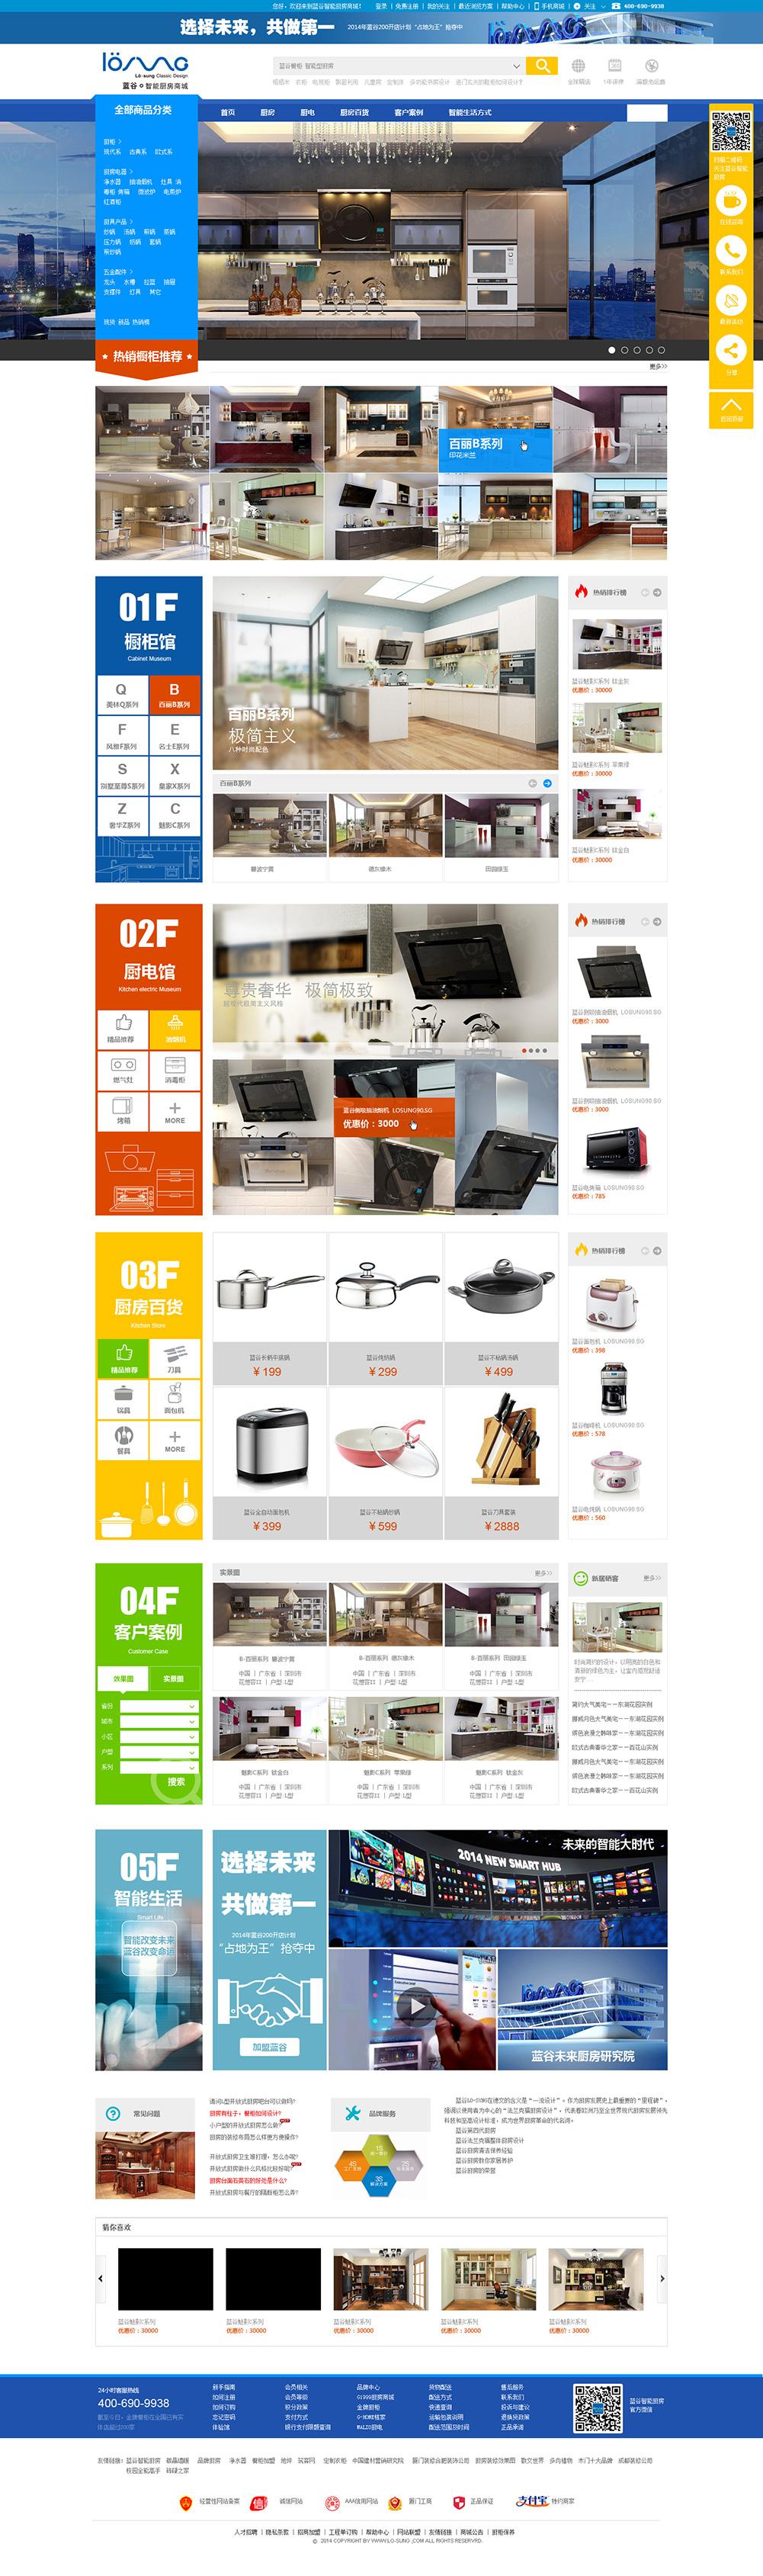 蓝谷智能厨房图片